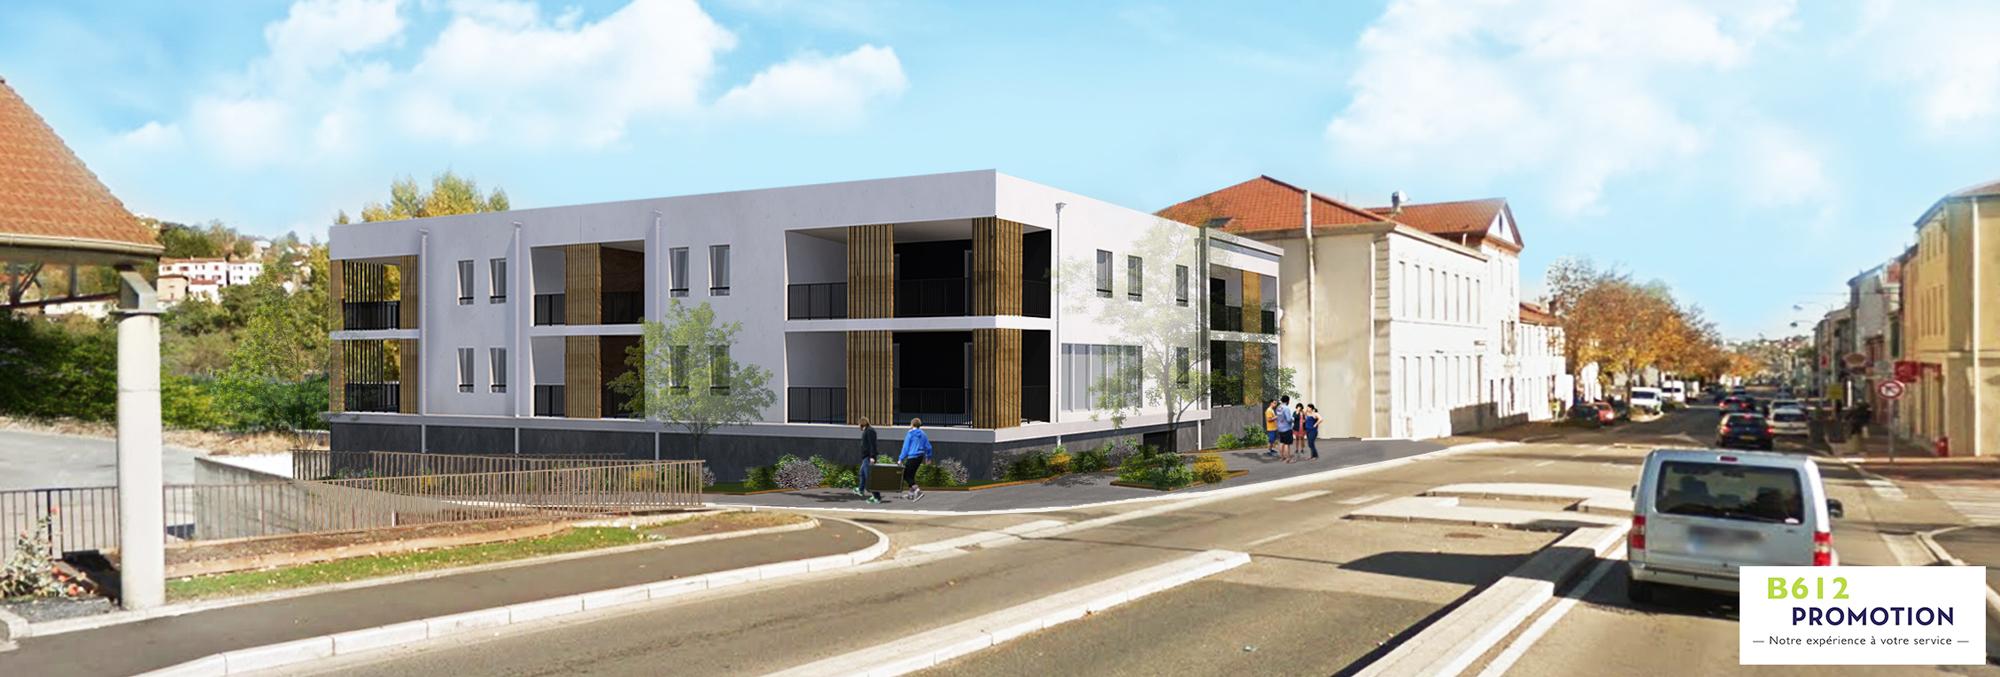 Perspective du futur immeuble à L'Horme